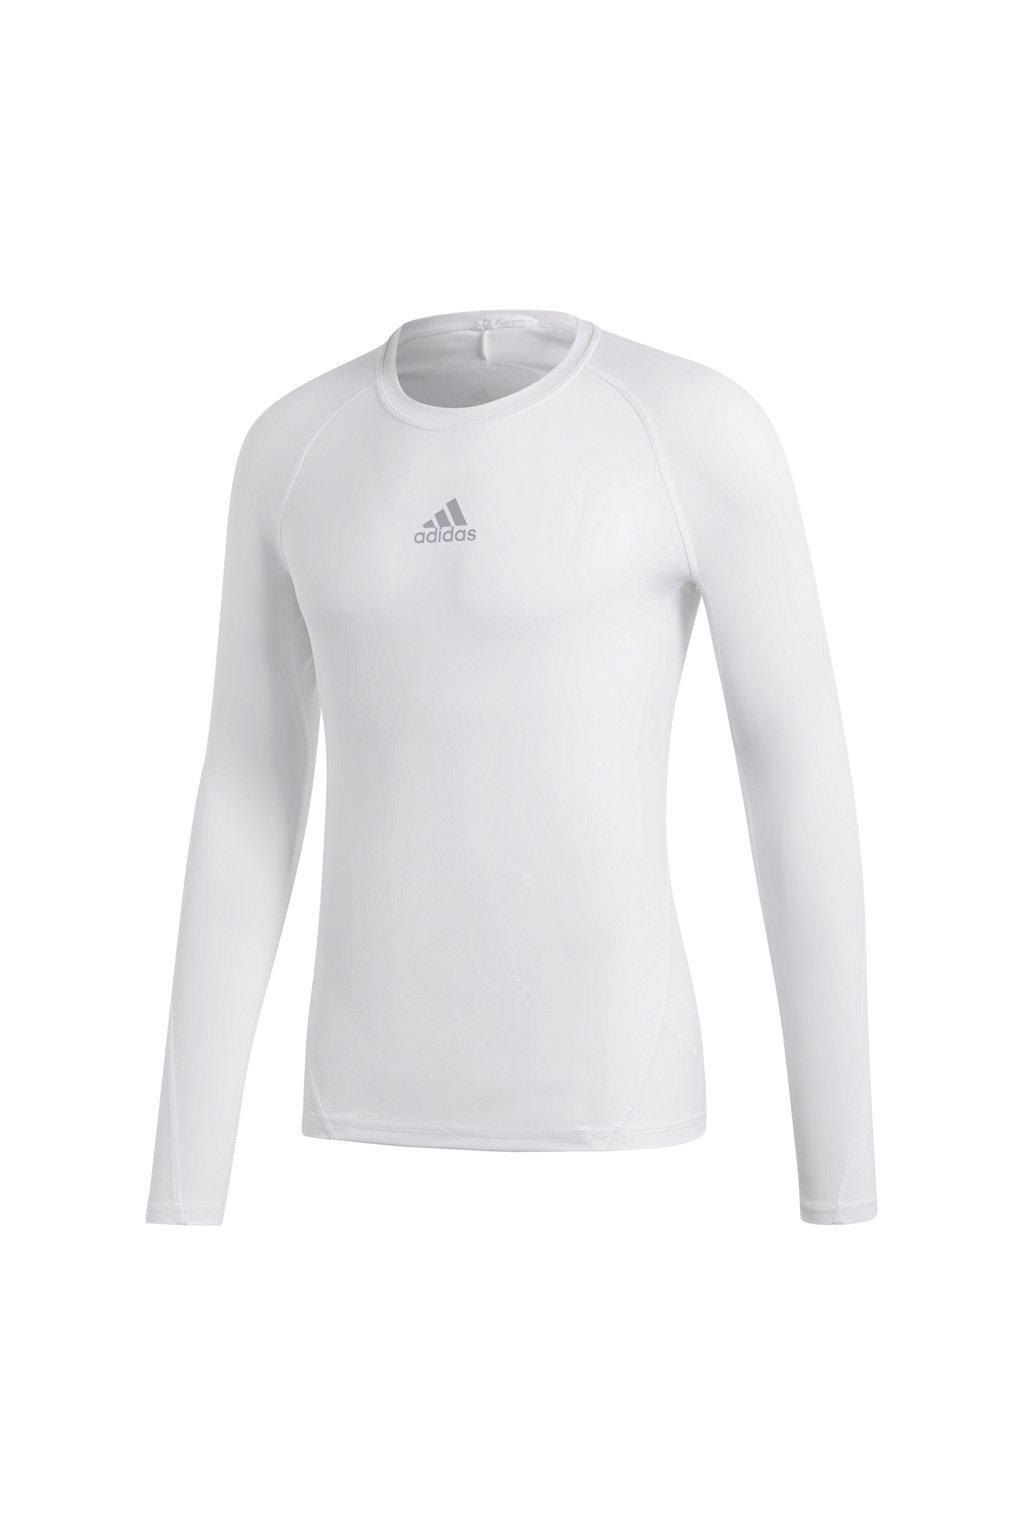 Pánske tričko Adidas Alphaskin Sport LS Tee white CW9487